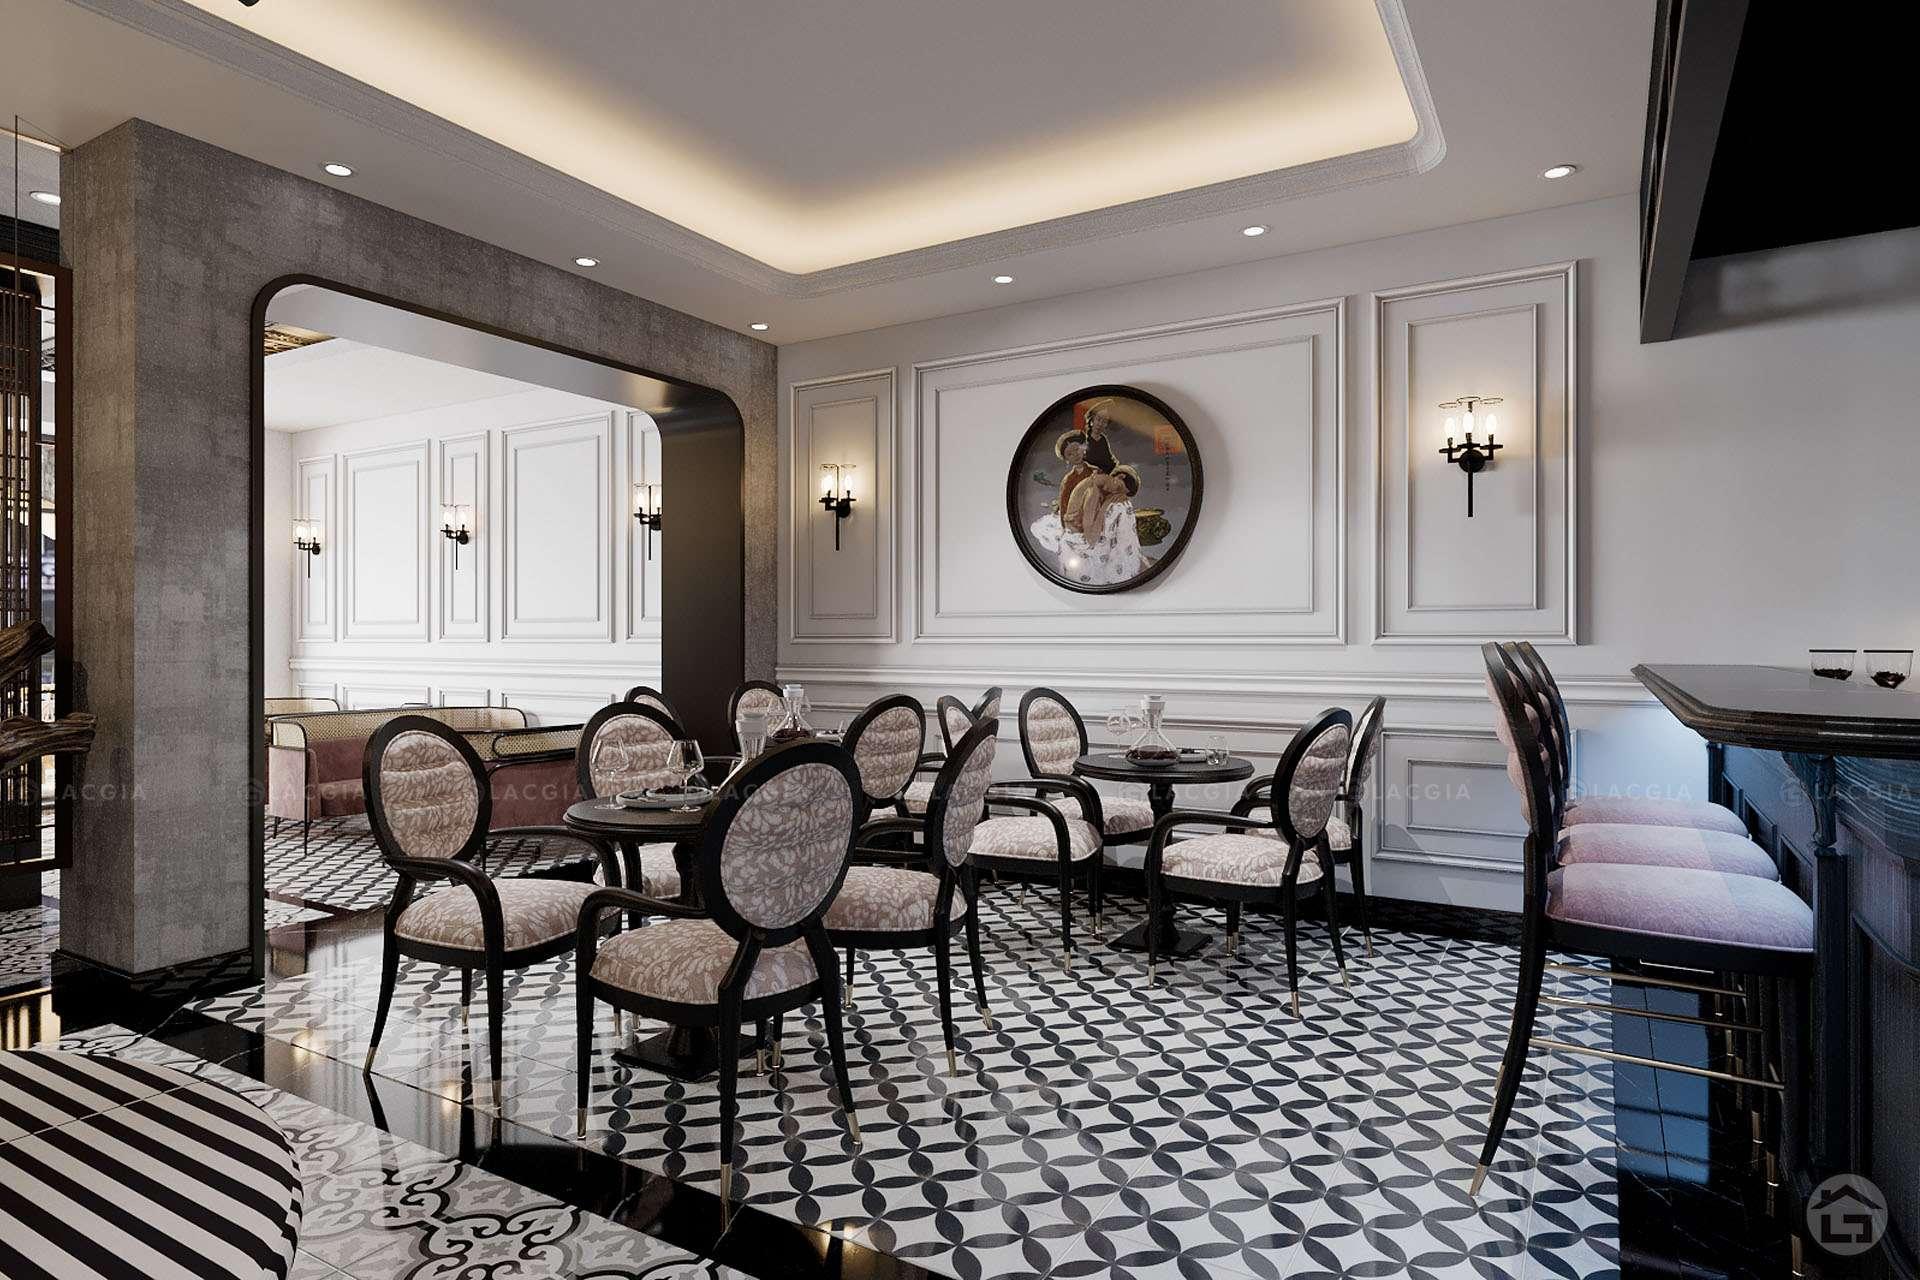 thiet ke noi that khach san 4 sao sapa center lao cai 2 - Thiết kế và thi công nội thất đẹp, sang trọng tại Yên Bái